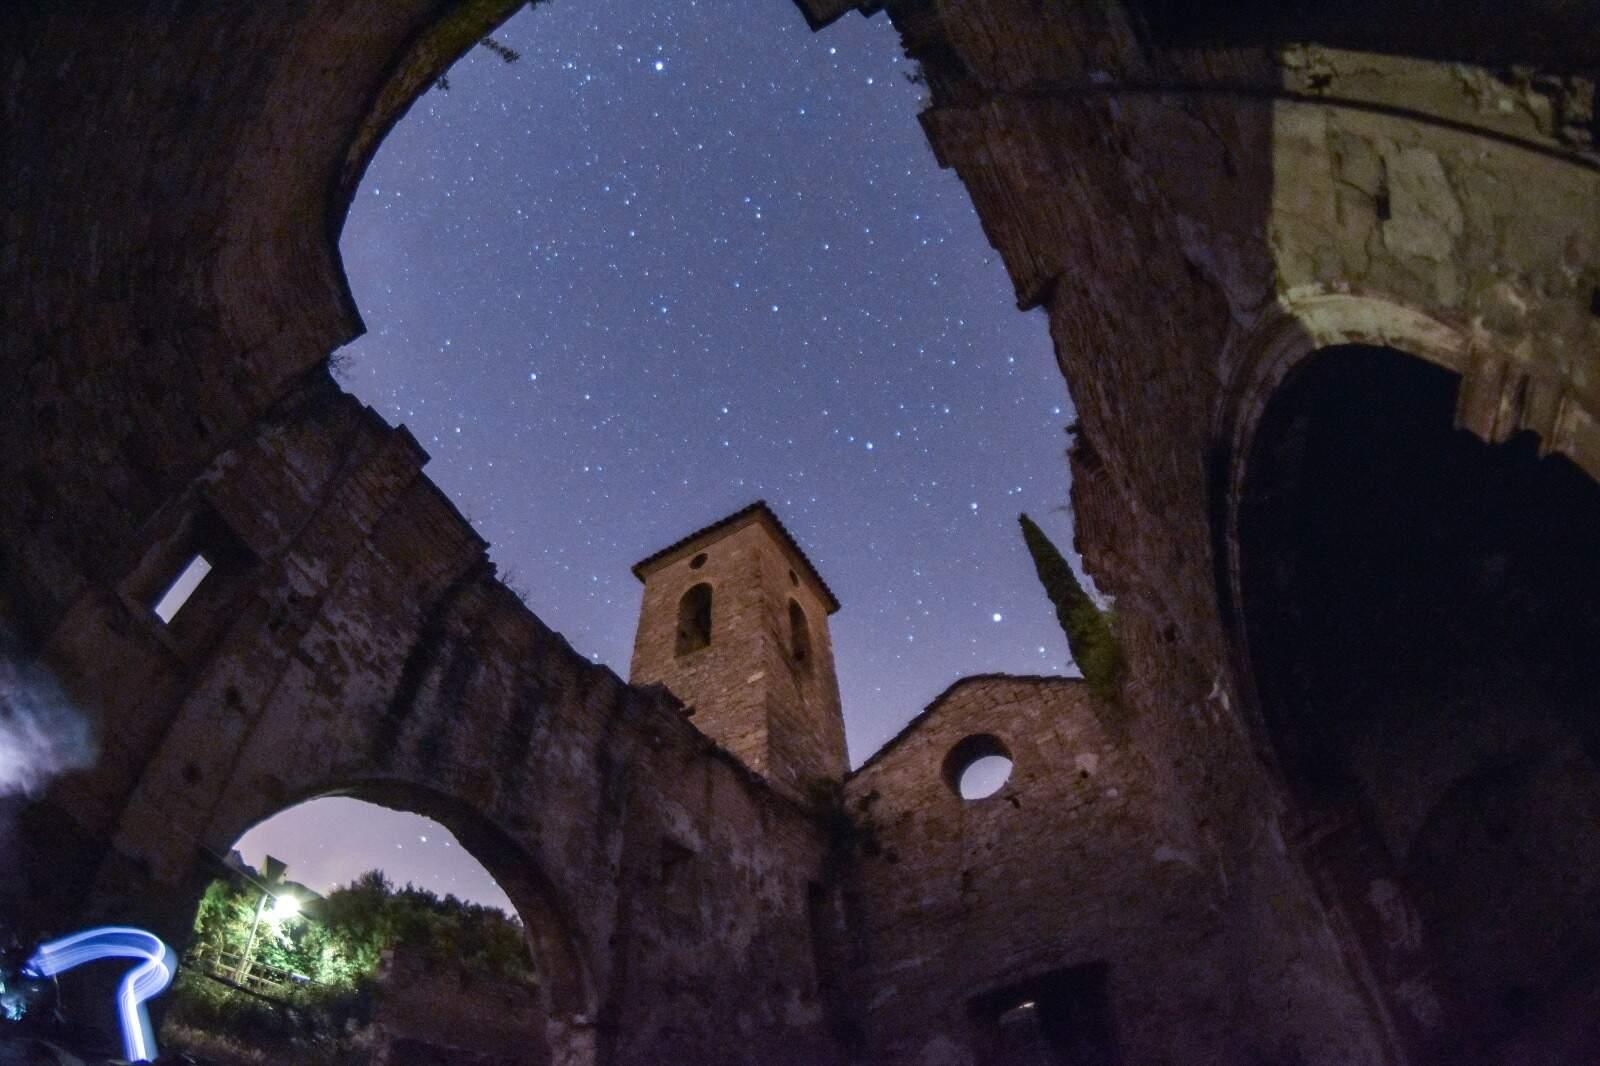 Aquests dies s'ha de mirar al cel per veure les llàgrimes de Sant Llorenç